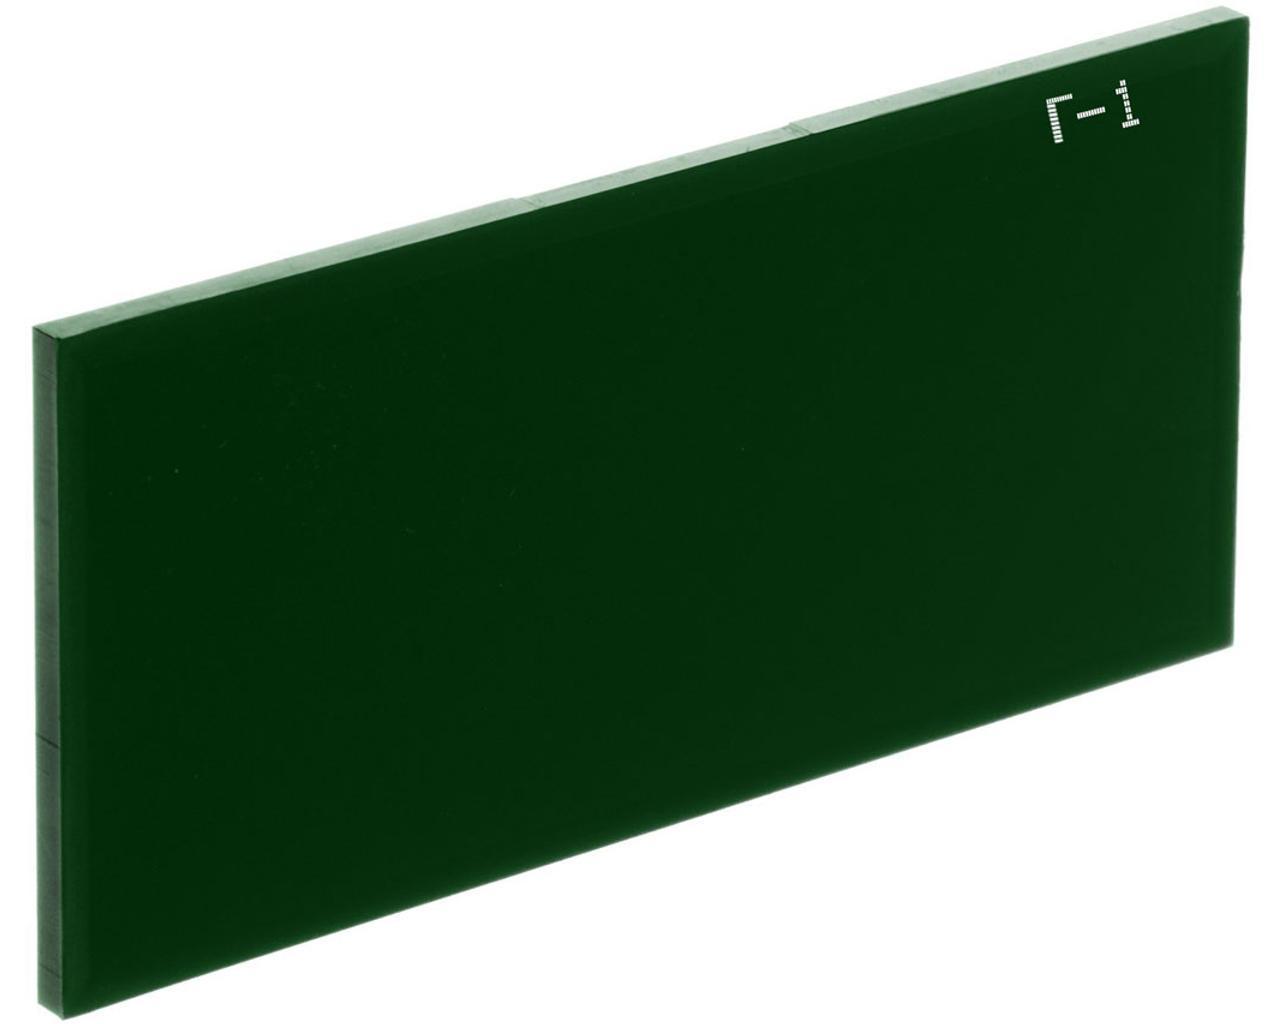 Світлофільтр Р-1 (5 DIN) 52/102 мм